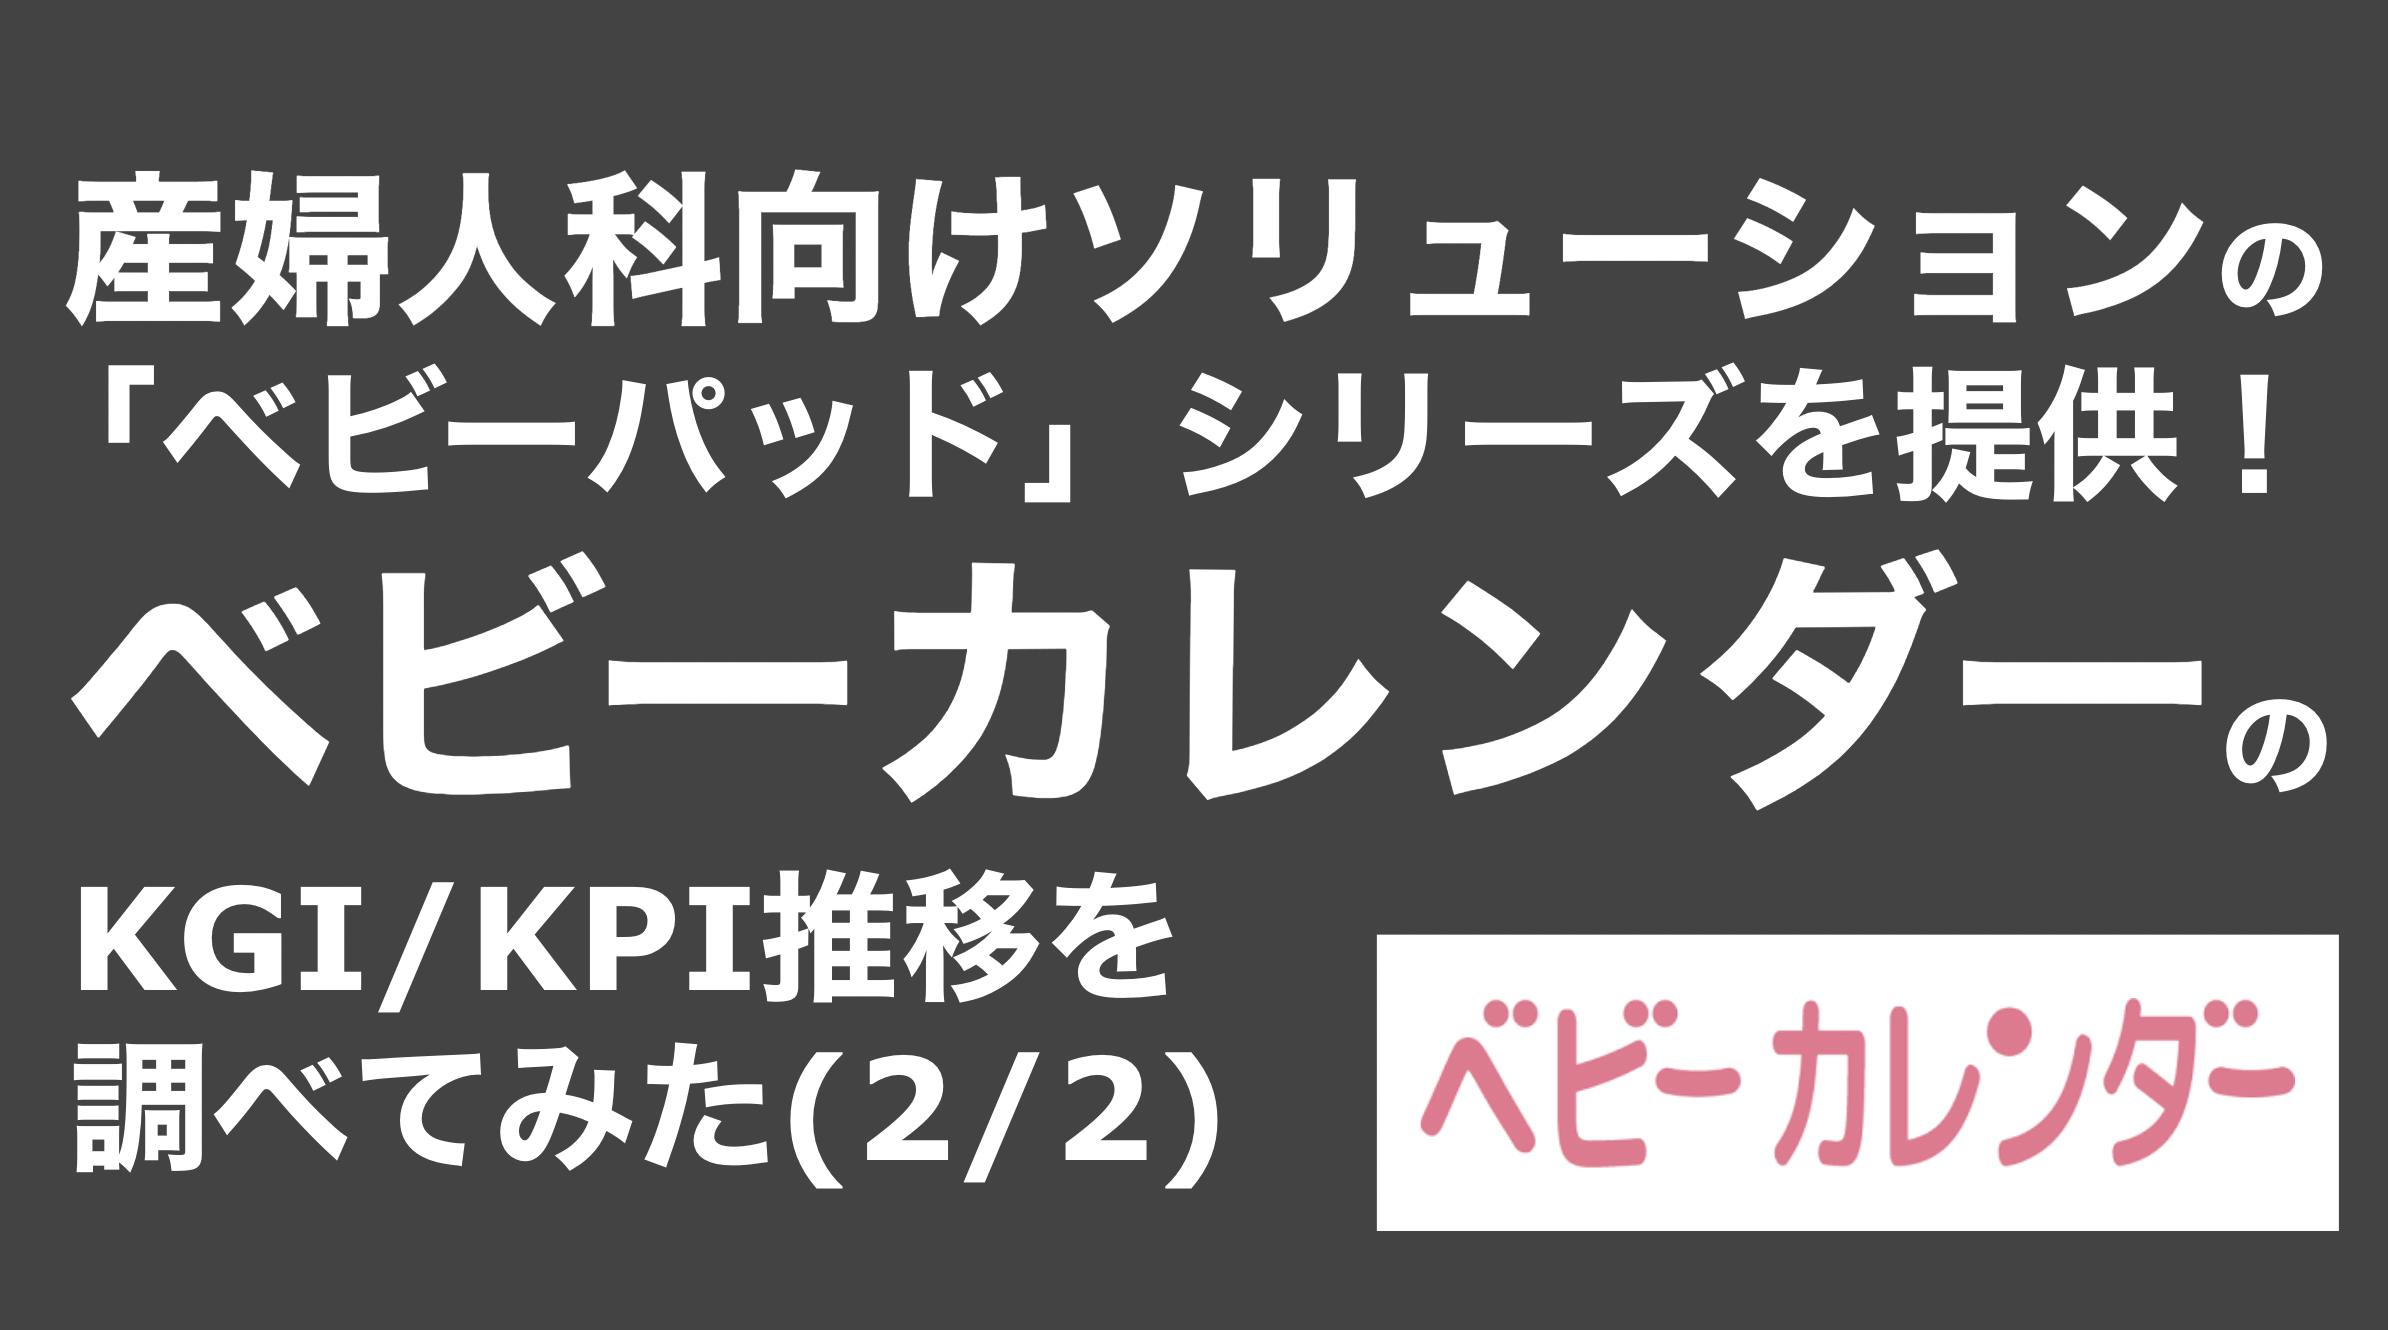 saaslife_ 産婦人科向けソリューションの 「ベビーパッド」シリーズを提供!ベビーカレンダーのKGI/KPI推移を調べてみた(2/2)